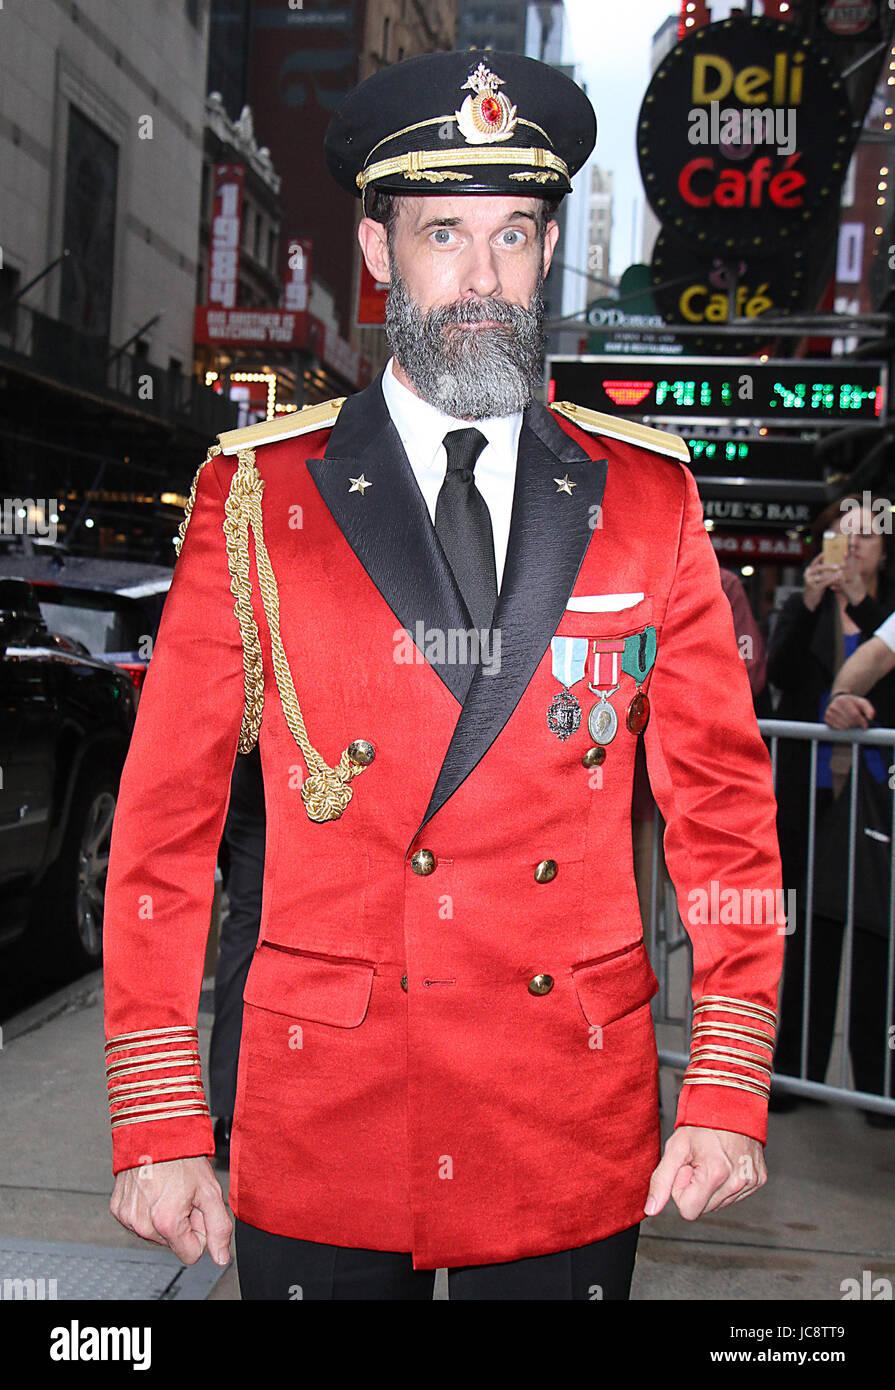 new york ny usa 14th june 2017 captain obvious at good morning